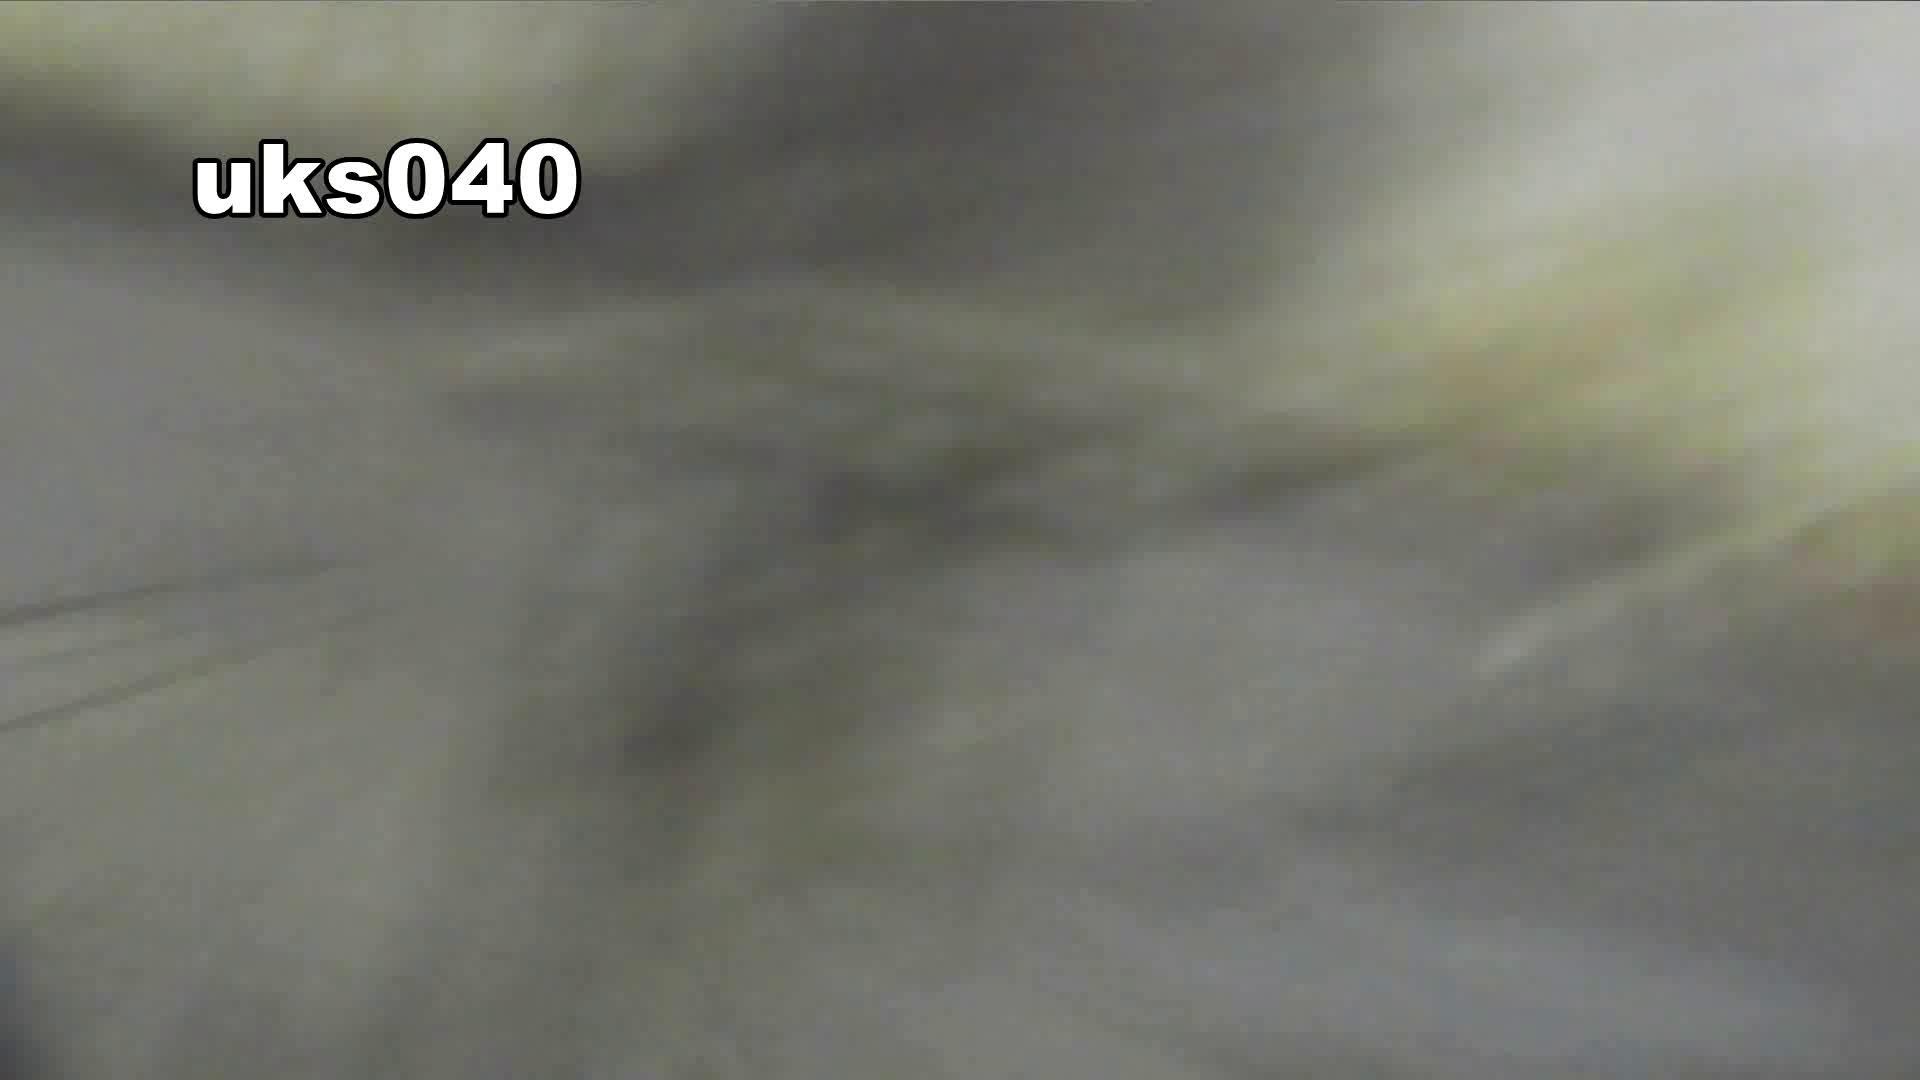 【美しき個室な世界】 vol.040 出て行かれる時の清楚姿撮り 洗面所シーン 濡れ場動画紹介 101画像 92